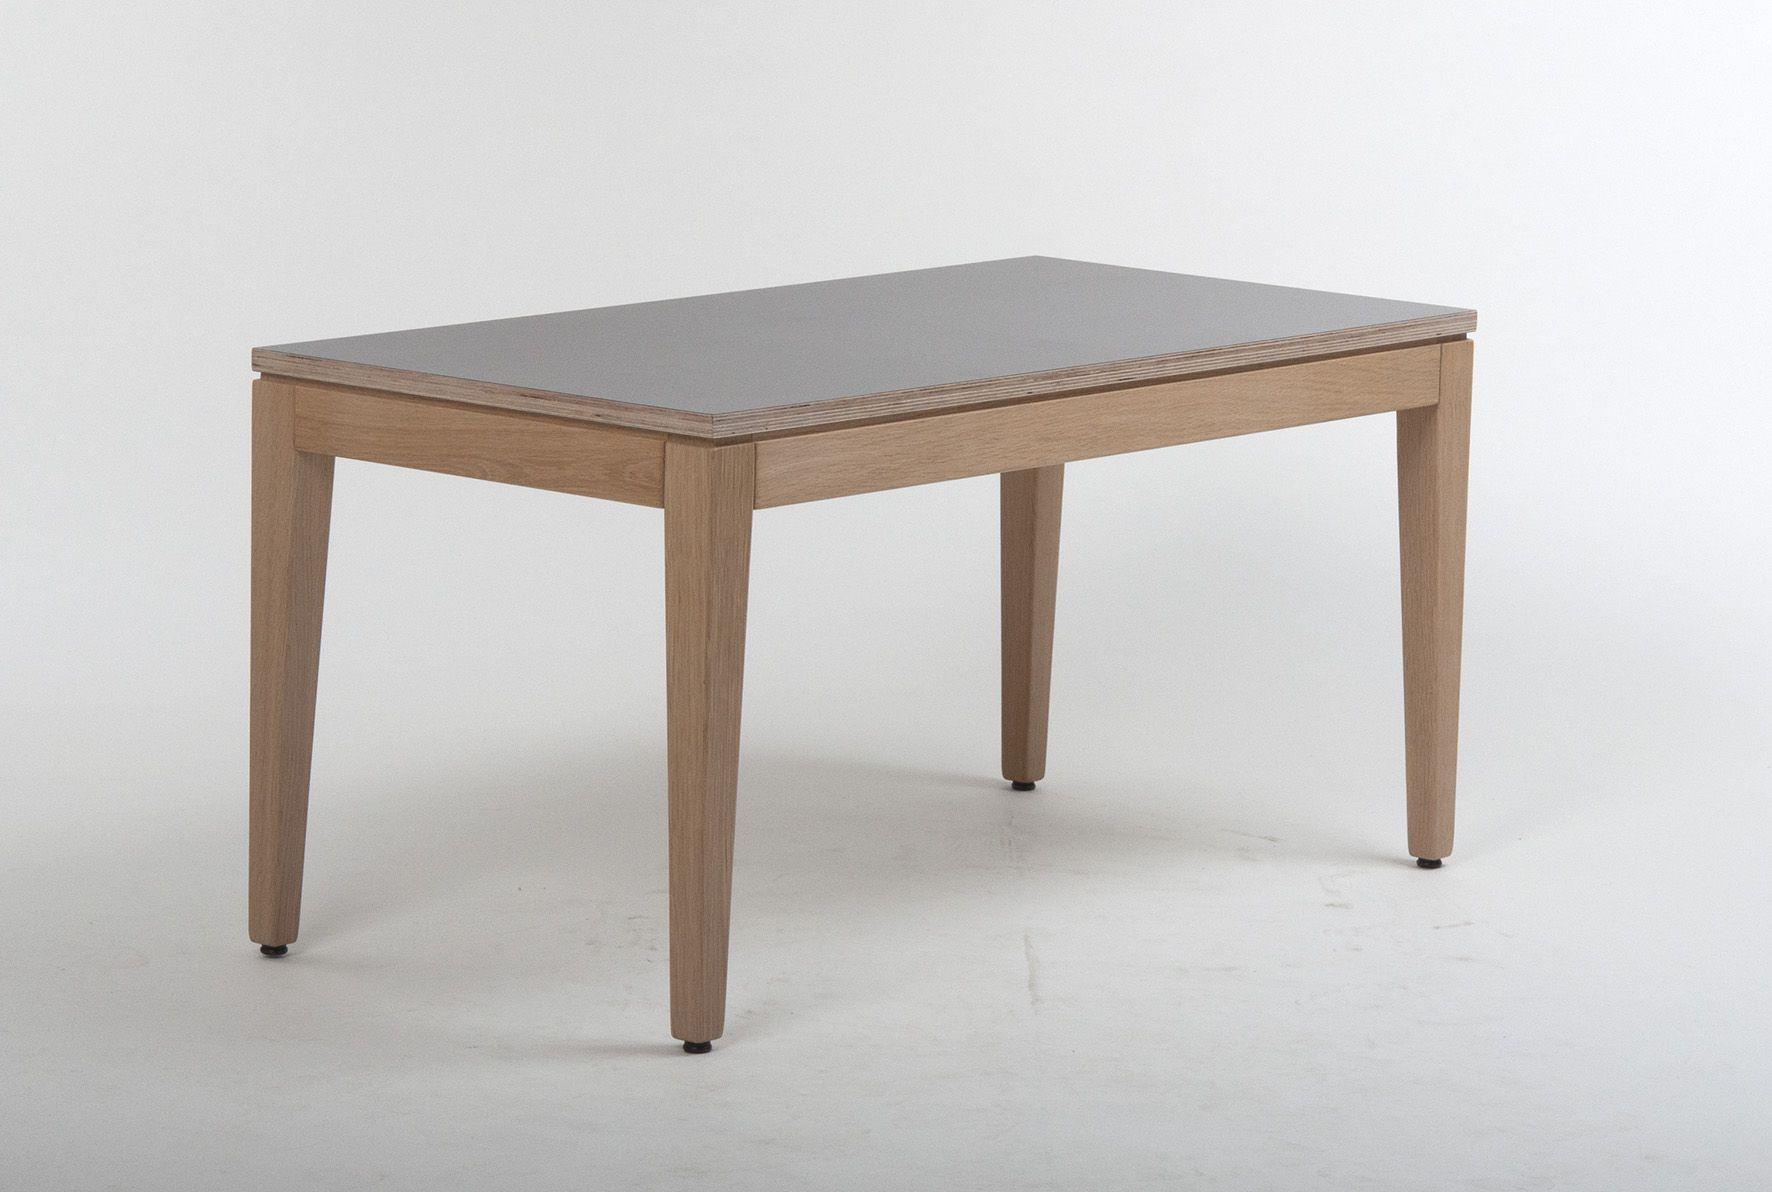 Die Konstruktion Besteht Aus Einem Vierfuss Zargengestell Mit Einer Hohe Von 48 Cm Die Tischstollen Laufen Konisch Di Gastronomie Mobel Tisch Lounge Tisch